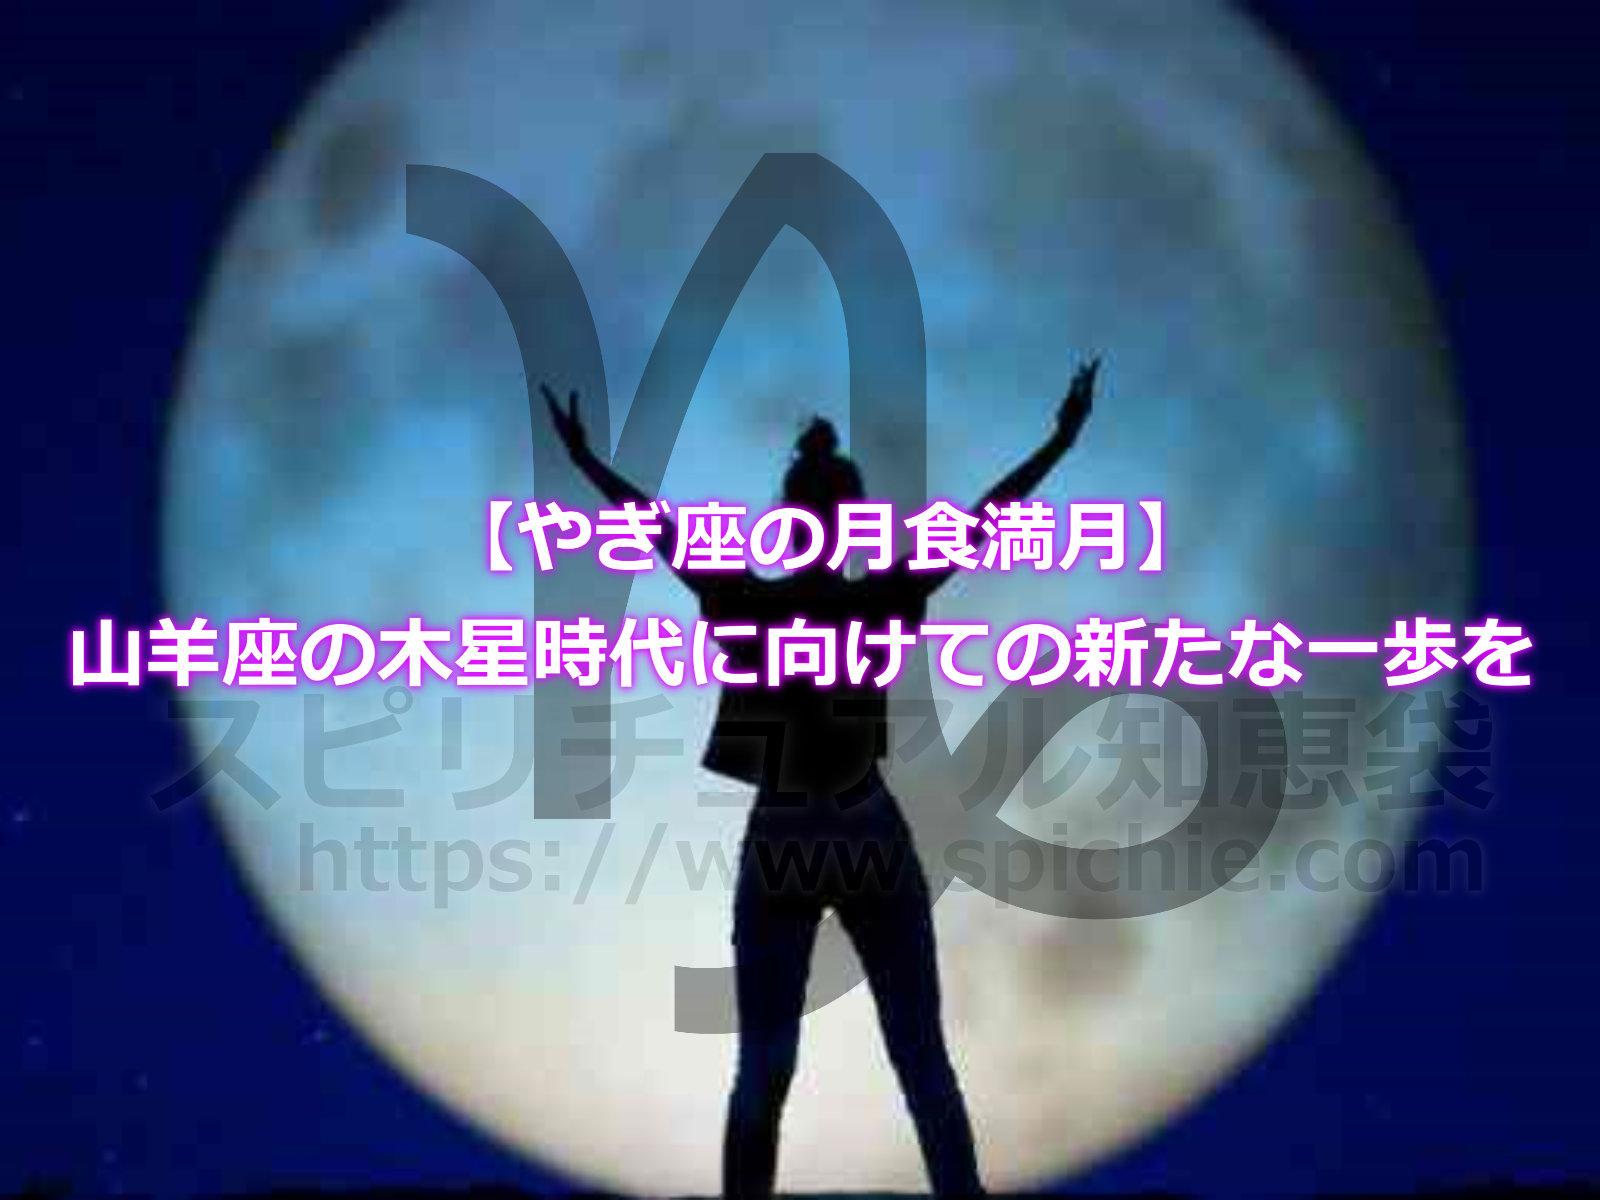 【やぎ座の月食満月】山羊座の木星時代に向けての新たな一歩をのアイキャッチ画像